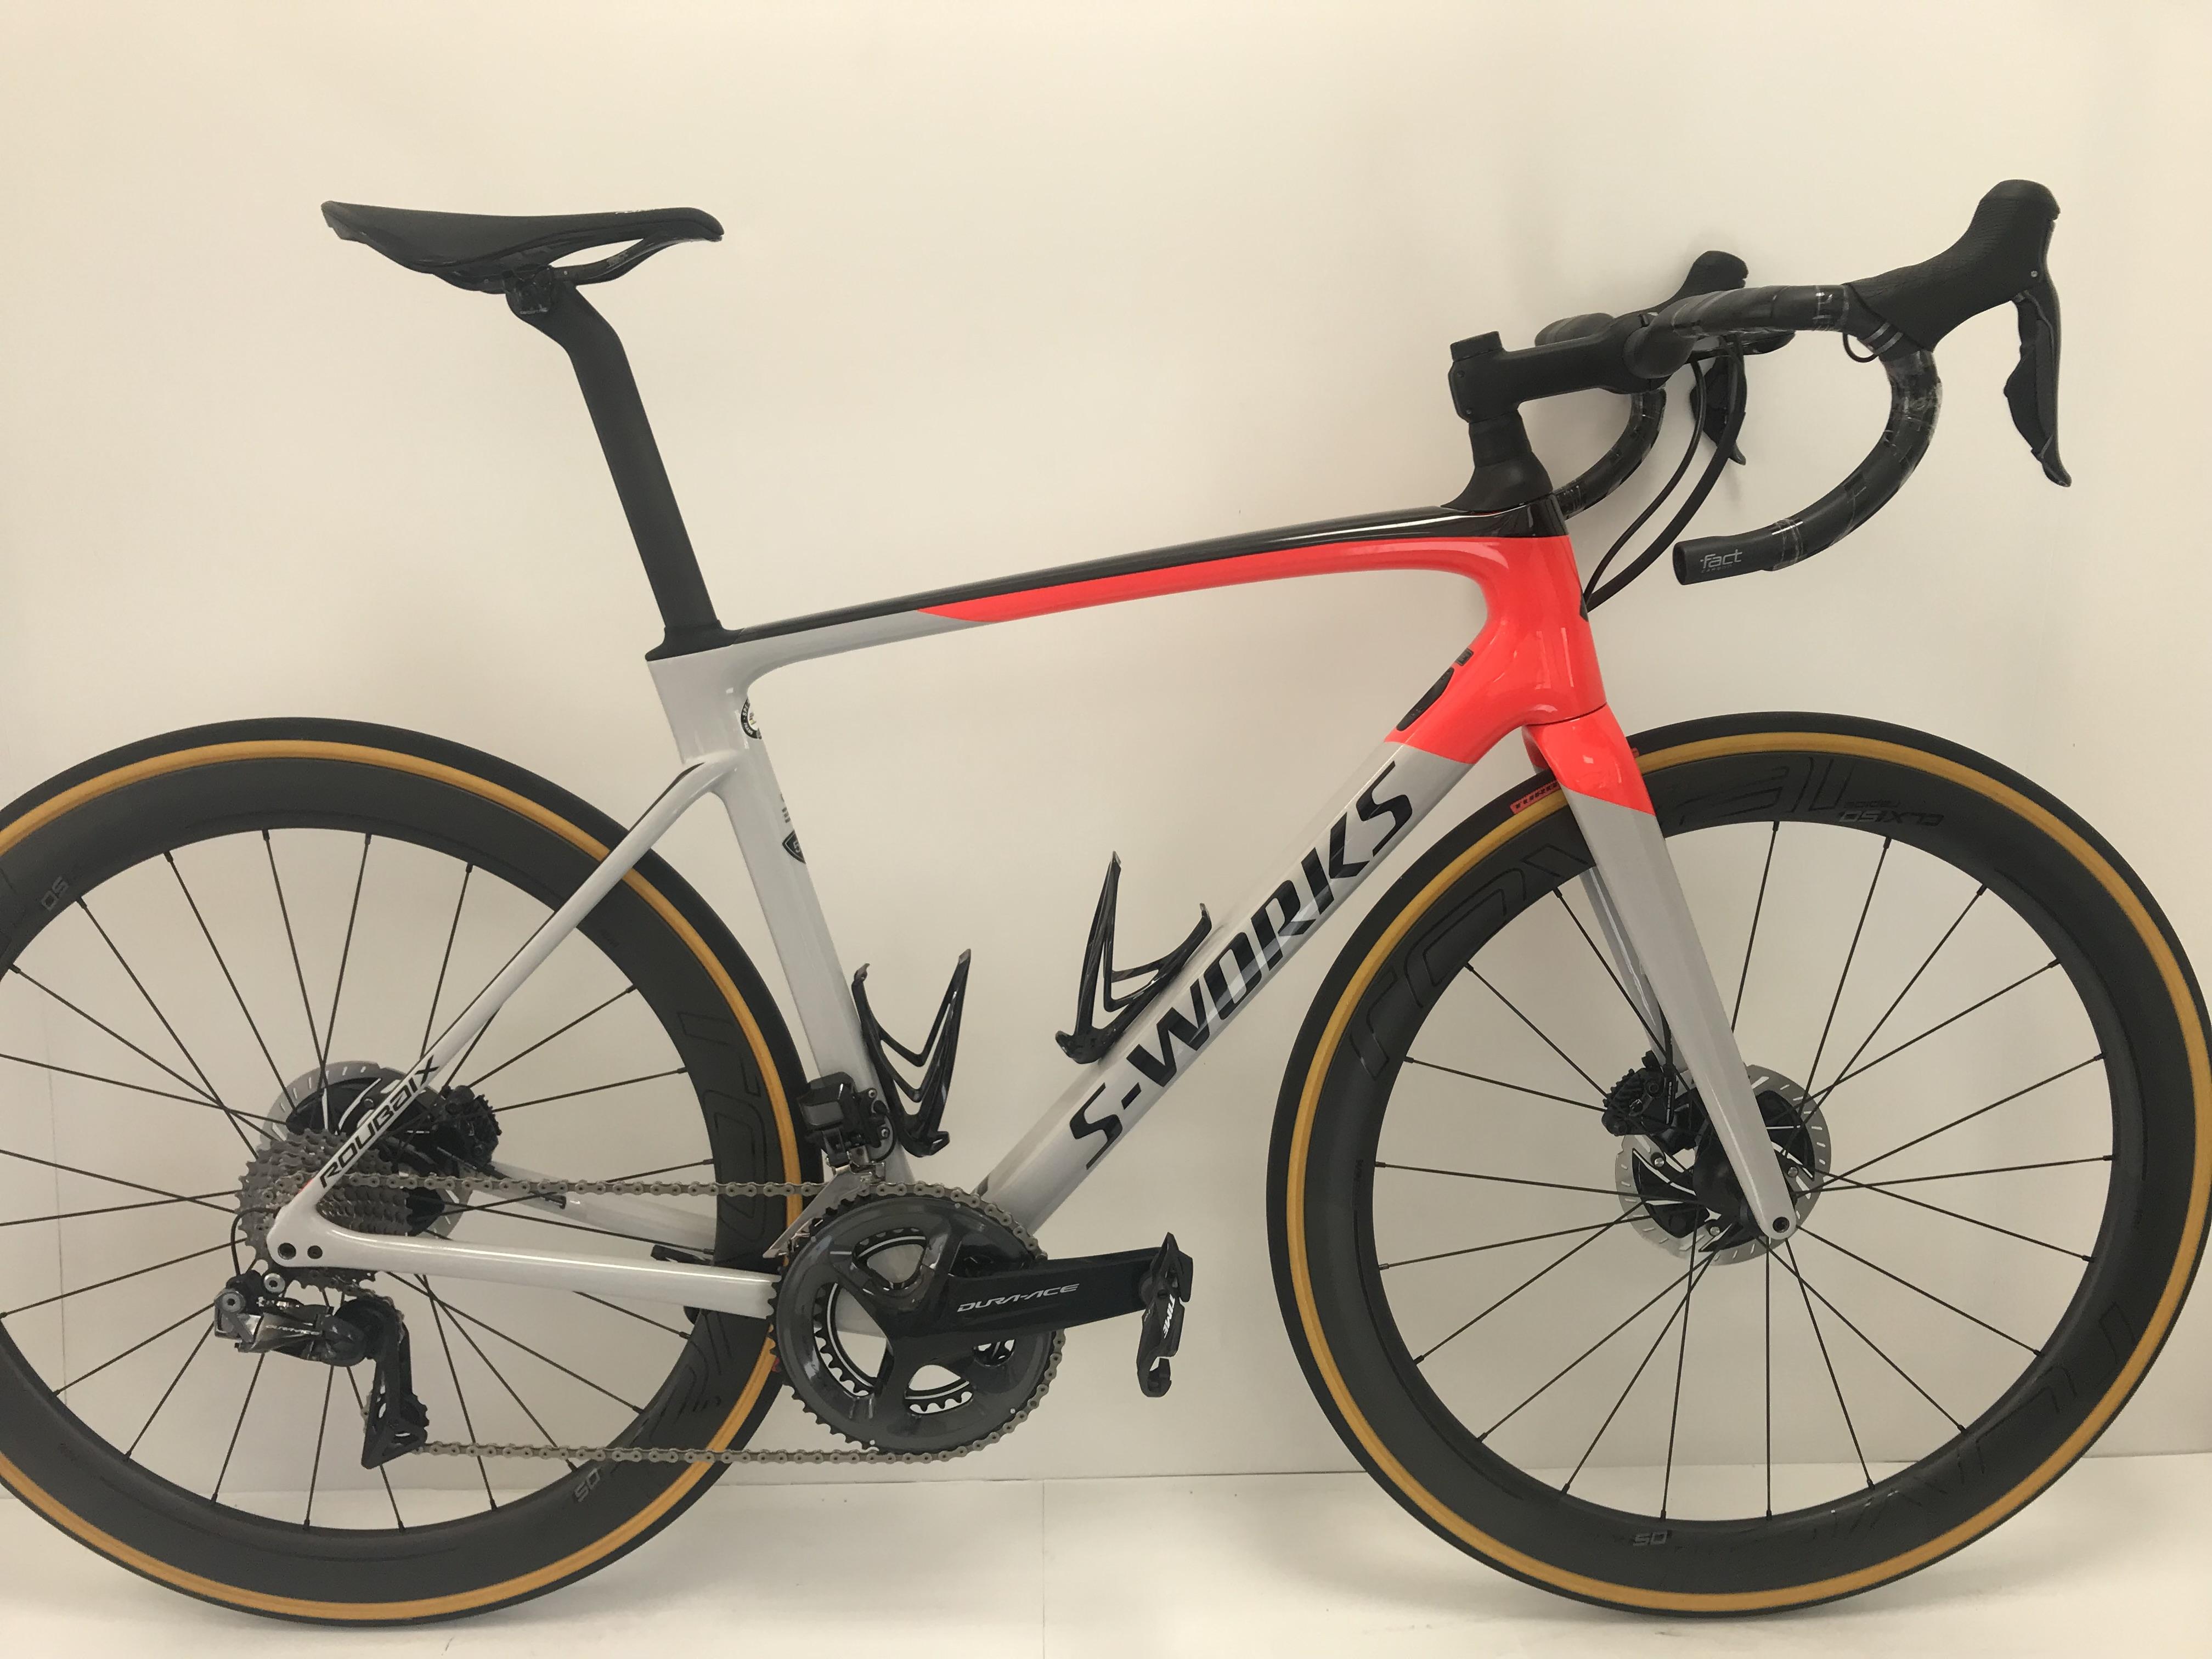 acr- Roubaix S-Works